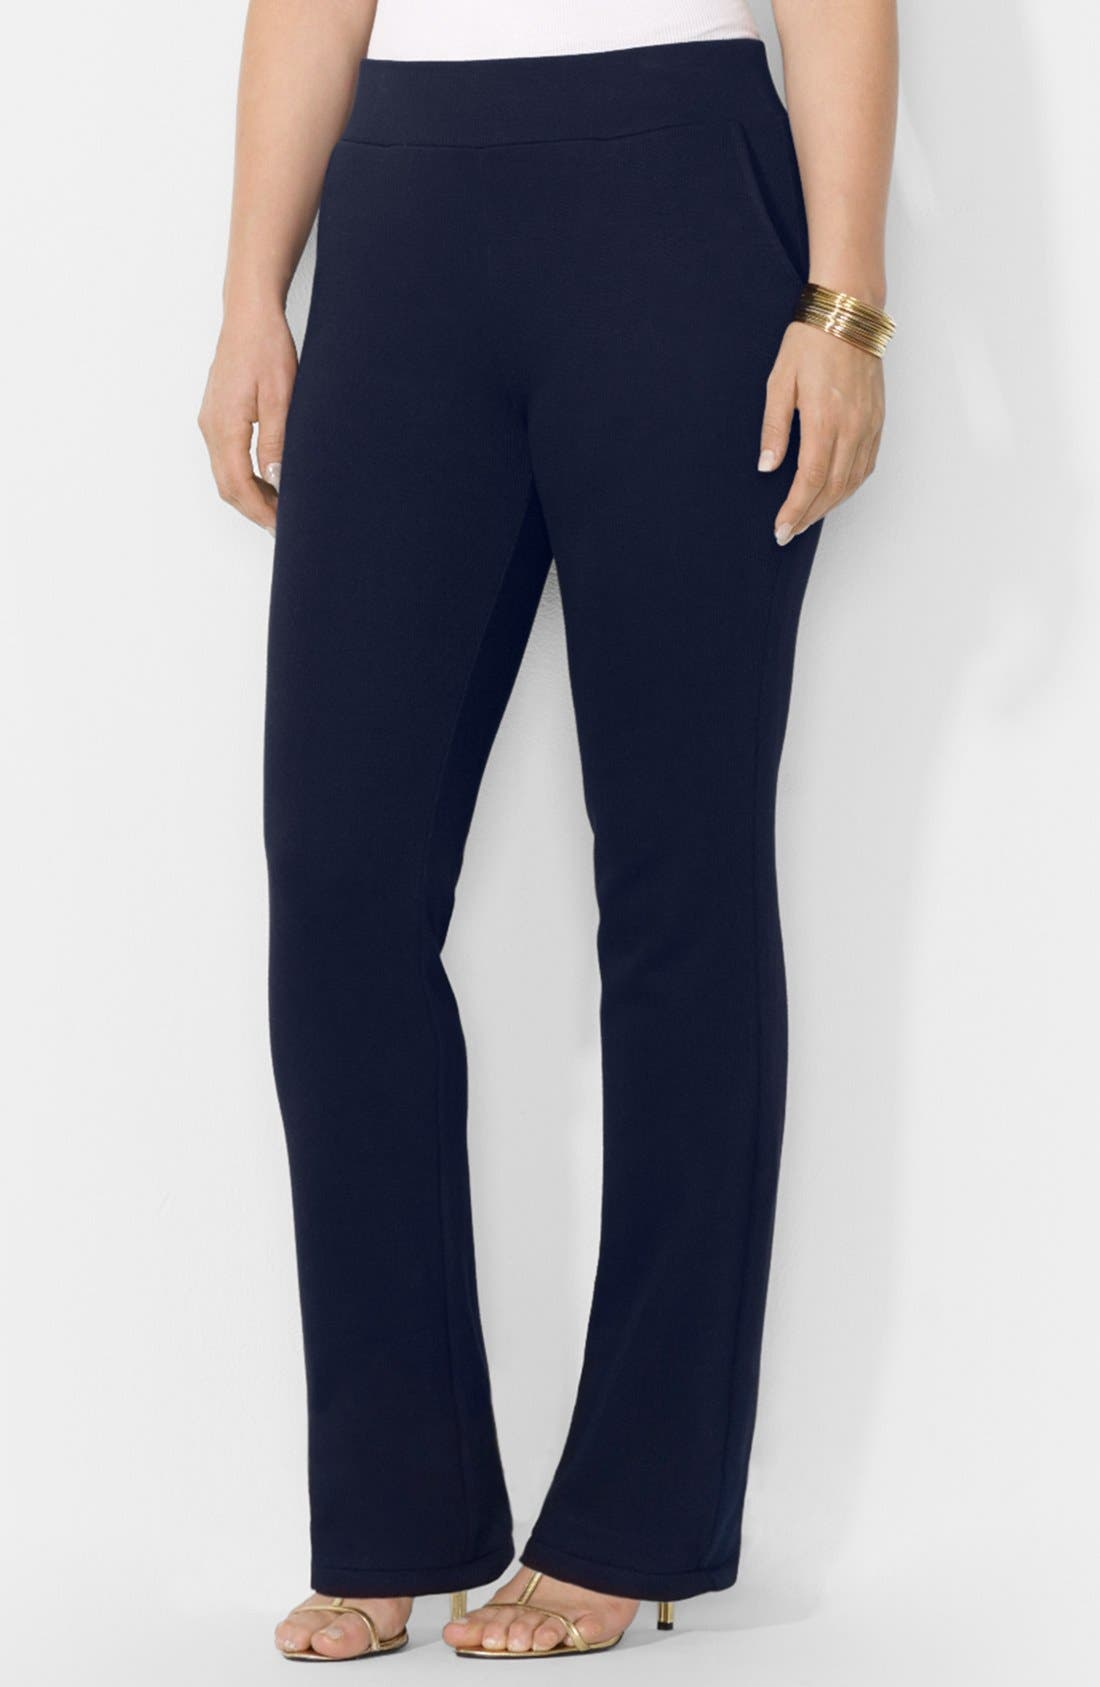 Alternate Image 1 Selected - Lauren Ralph Lauren Knit Pants (Plus Size)